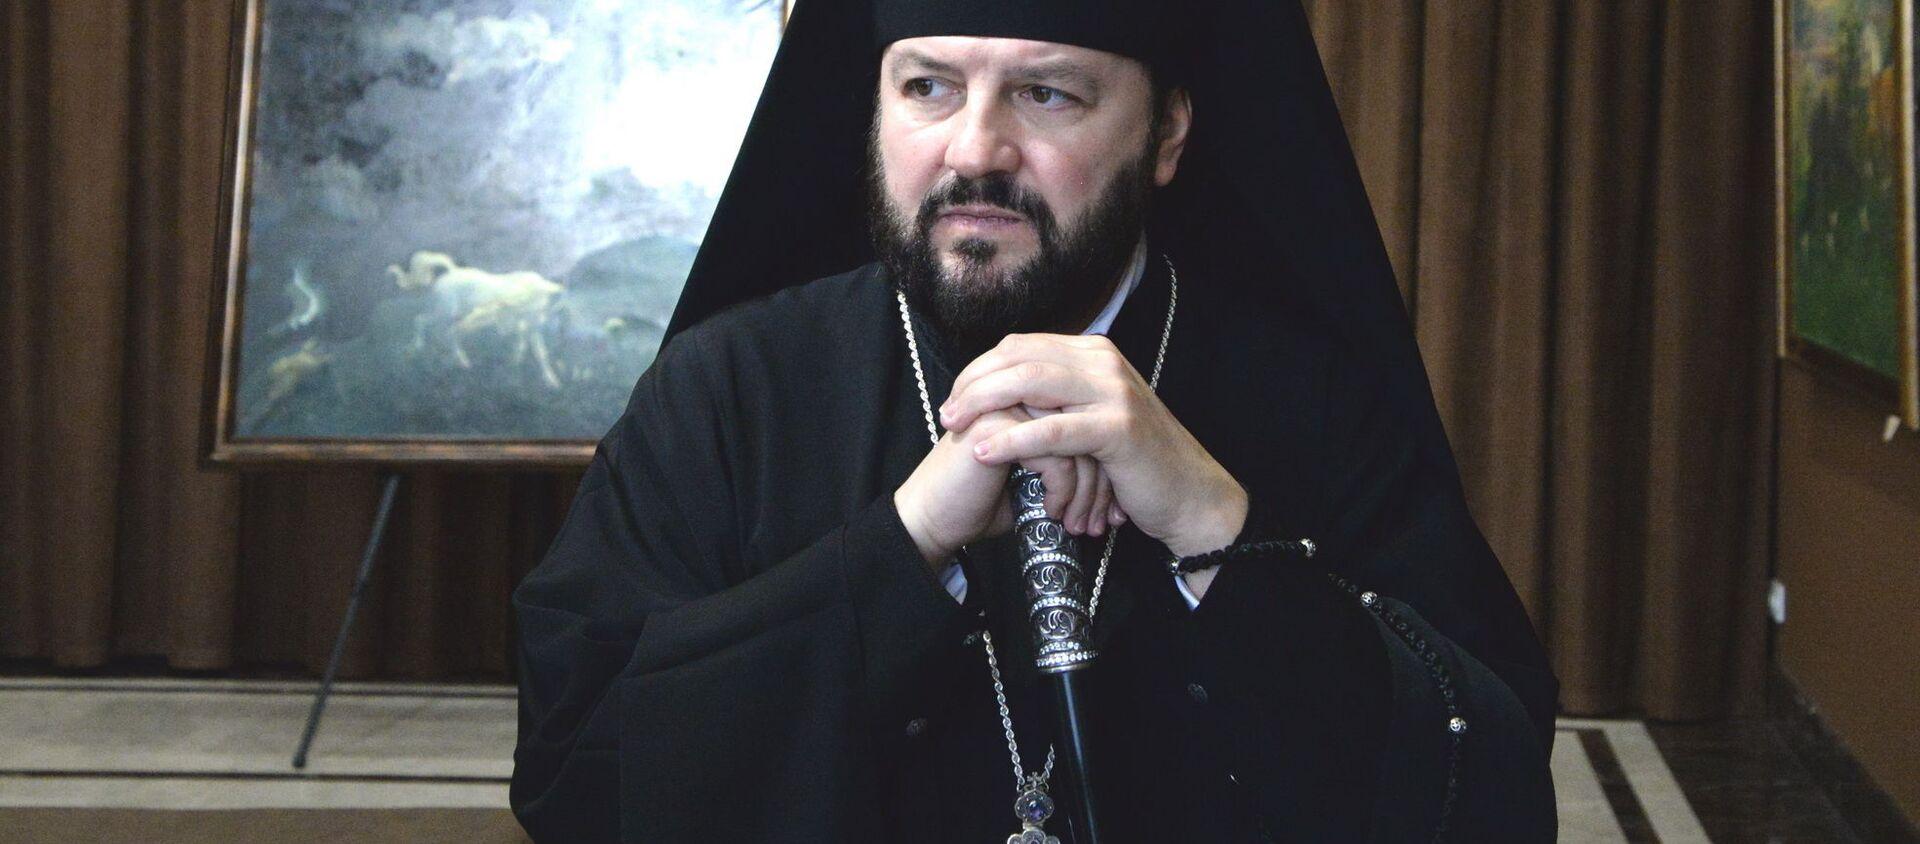 Архиепископ Владикавказский и Аланский Леонид посетил художественный музей имени Махарбека Туганова - Sputnik Южная Осетия, 1920, 27.09.2021